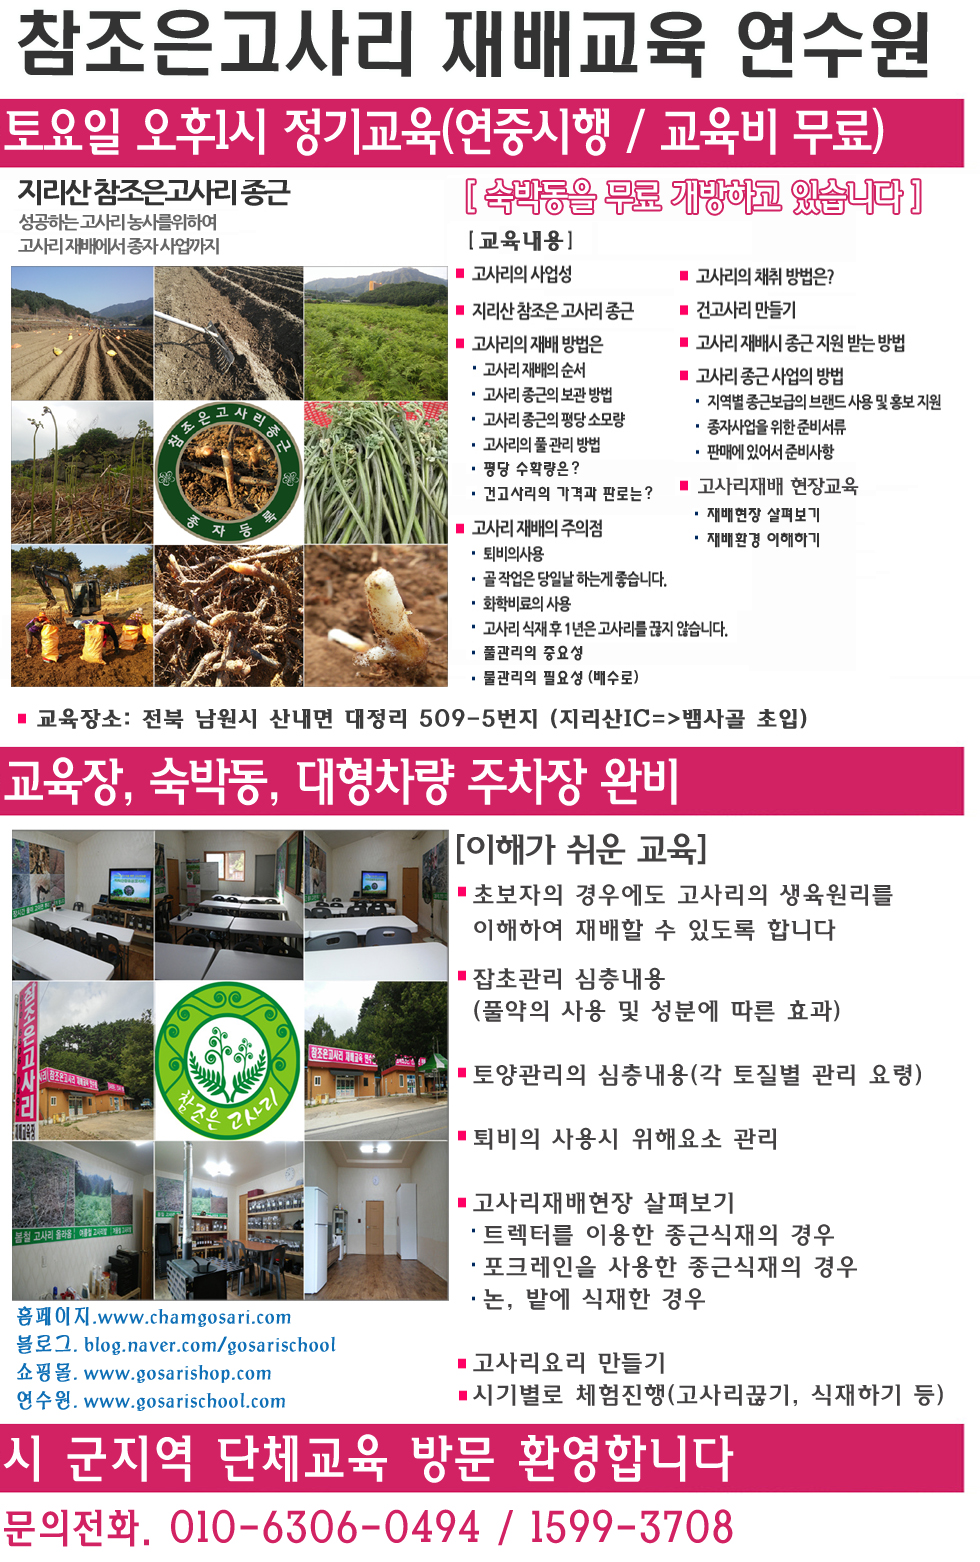 메인-고사리-980-3a-재배교육-하단3a.jpg